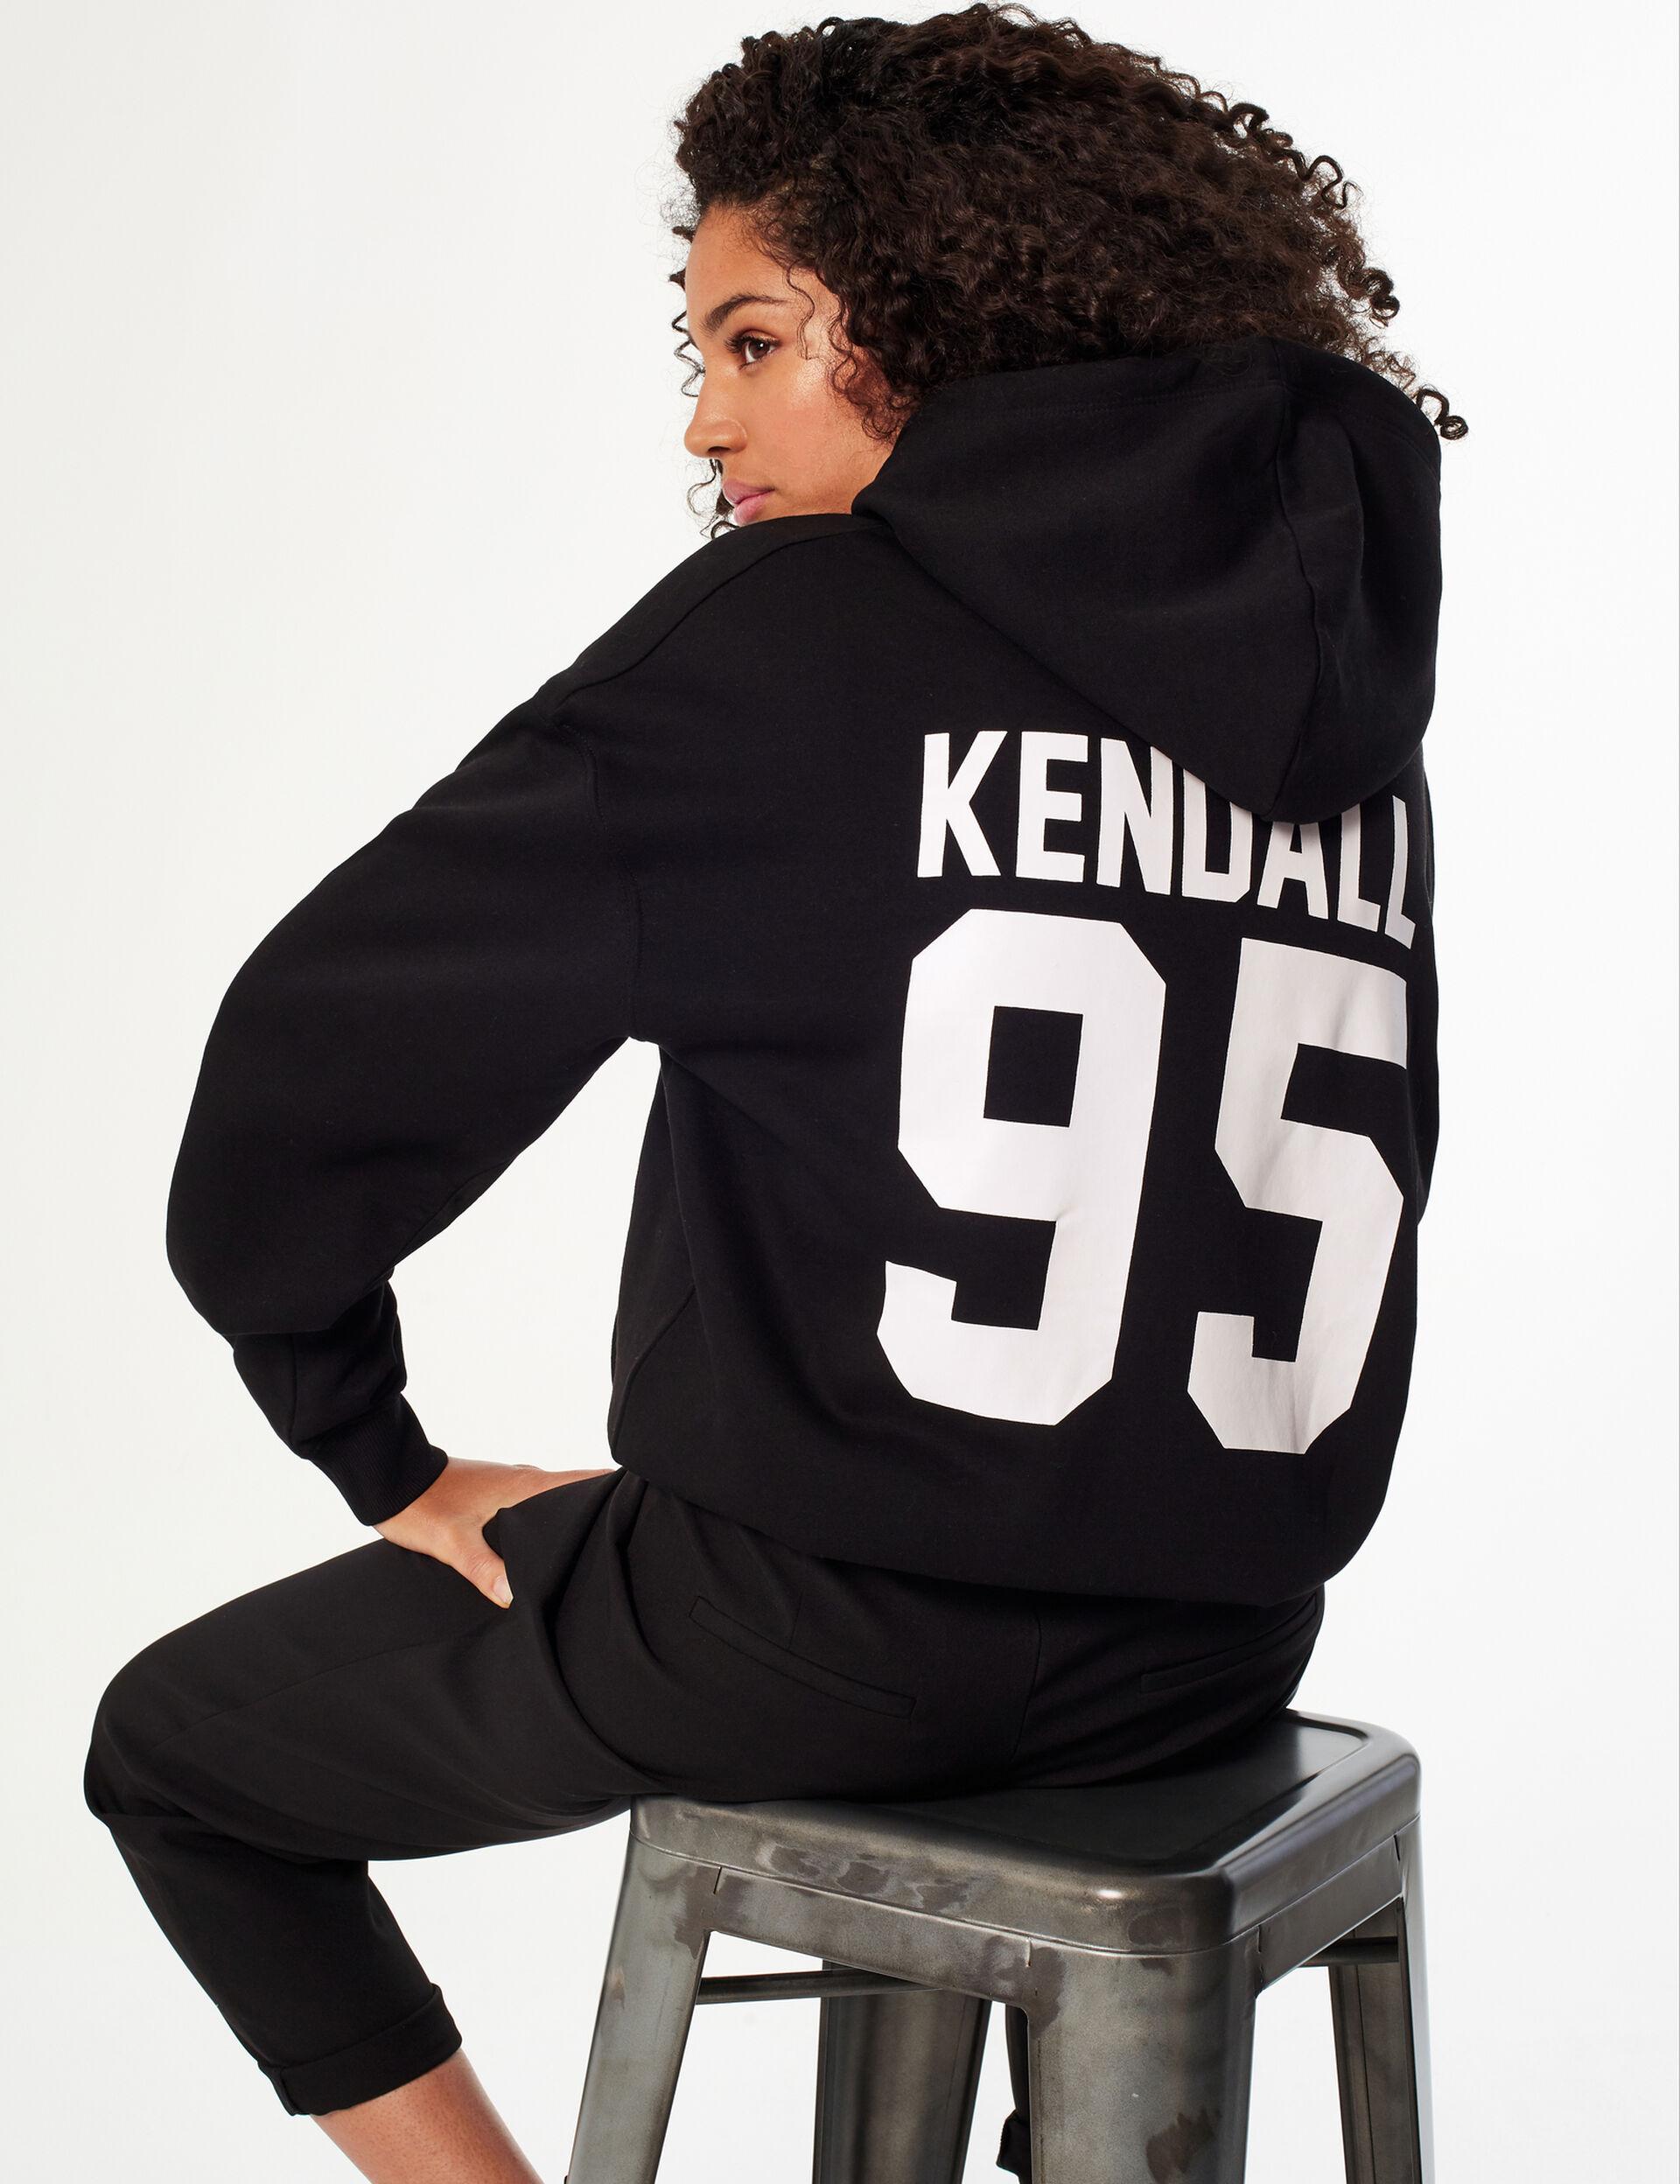 Kendall + Kylie hoodie